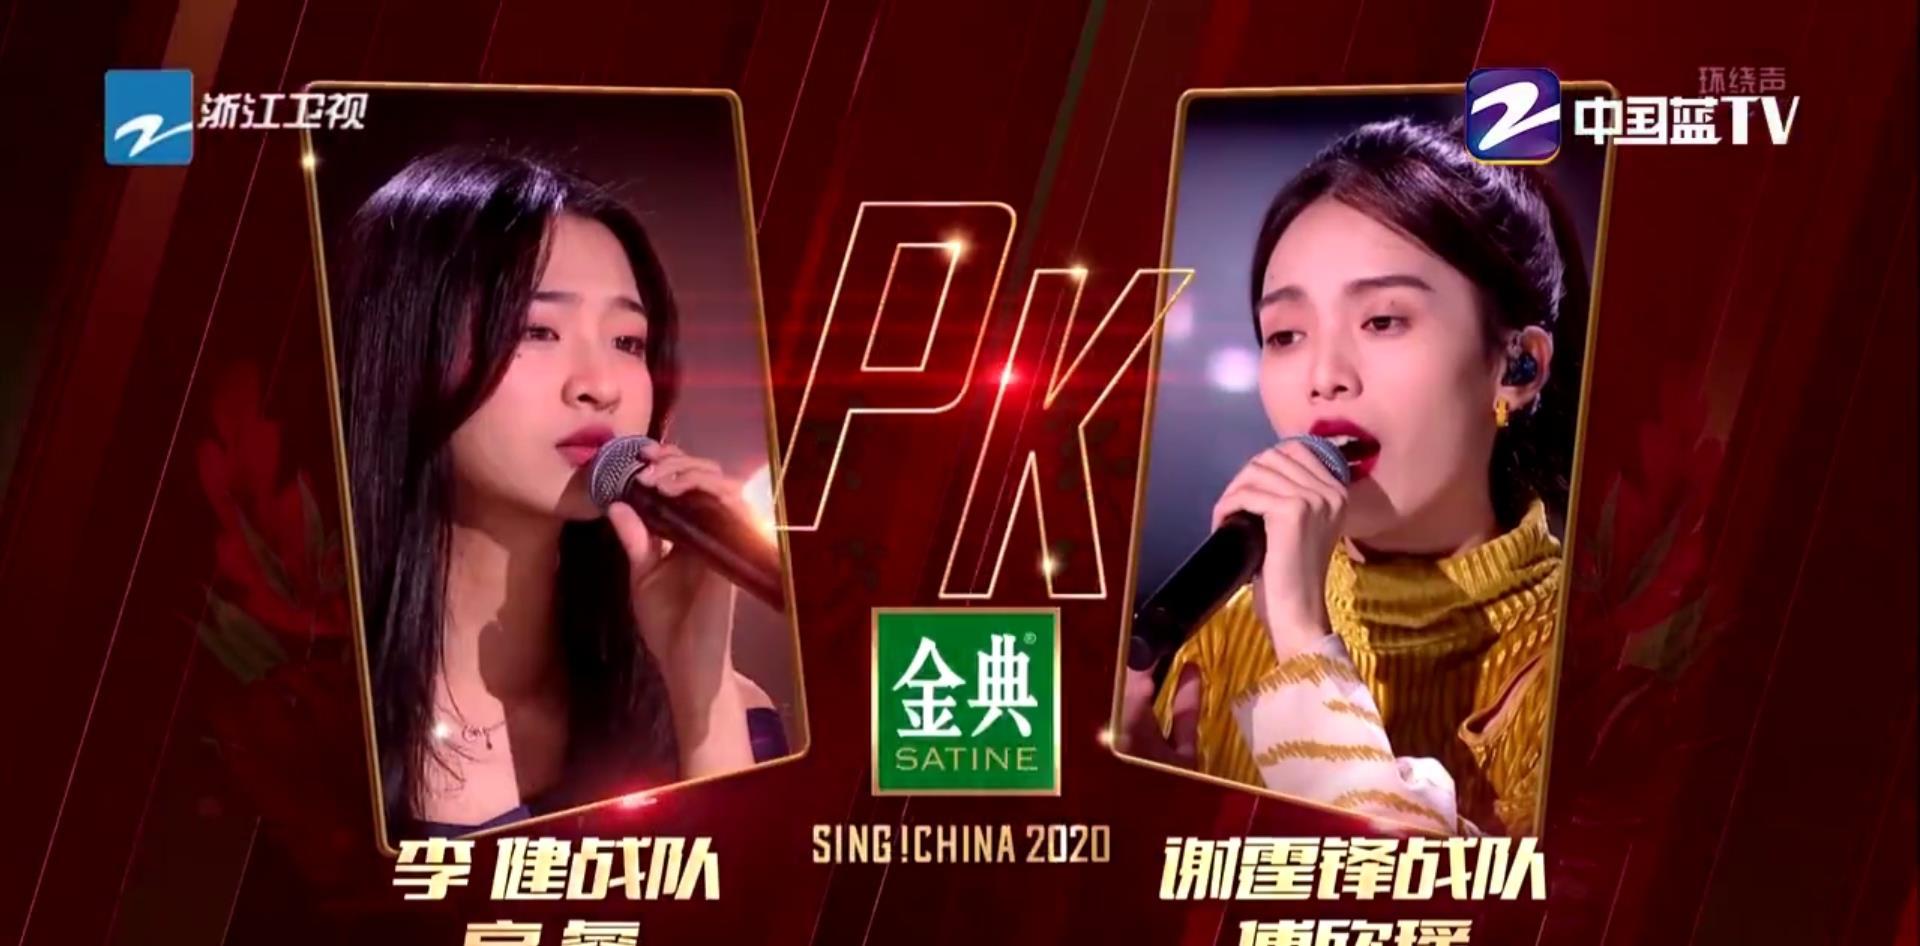 巨龙之魂_《中国好声音》官博为傅欣瑶投票引网友不满,本人回应啥情况